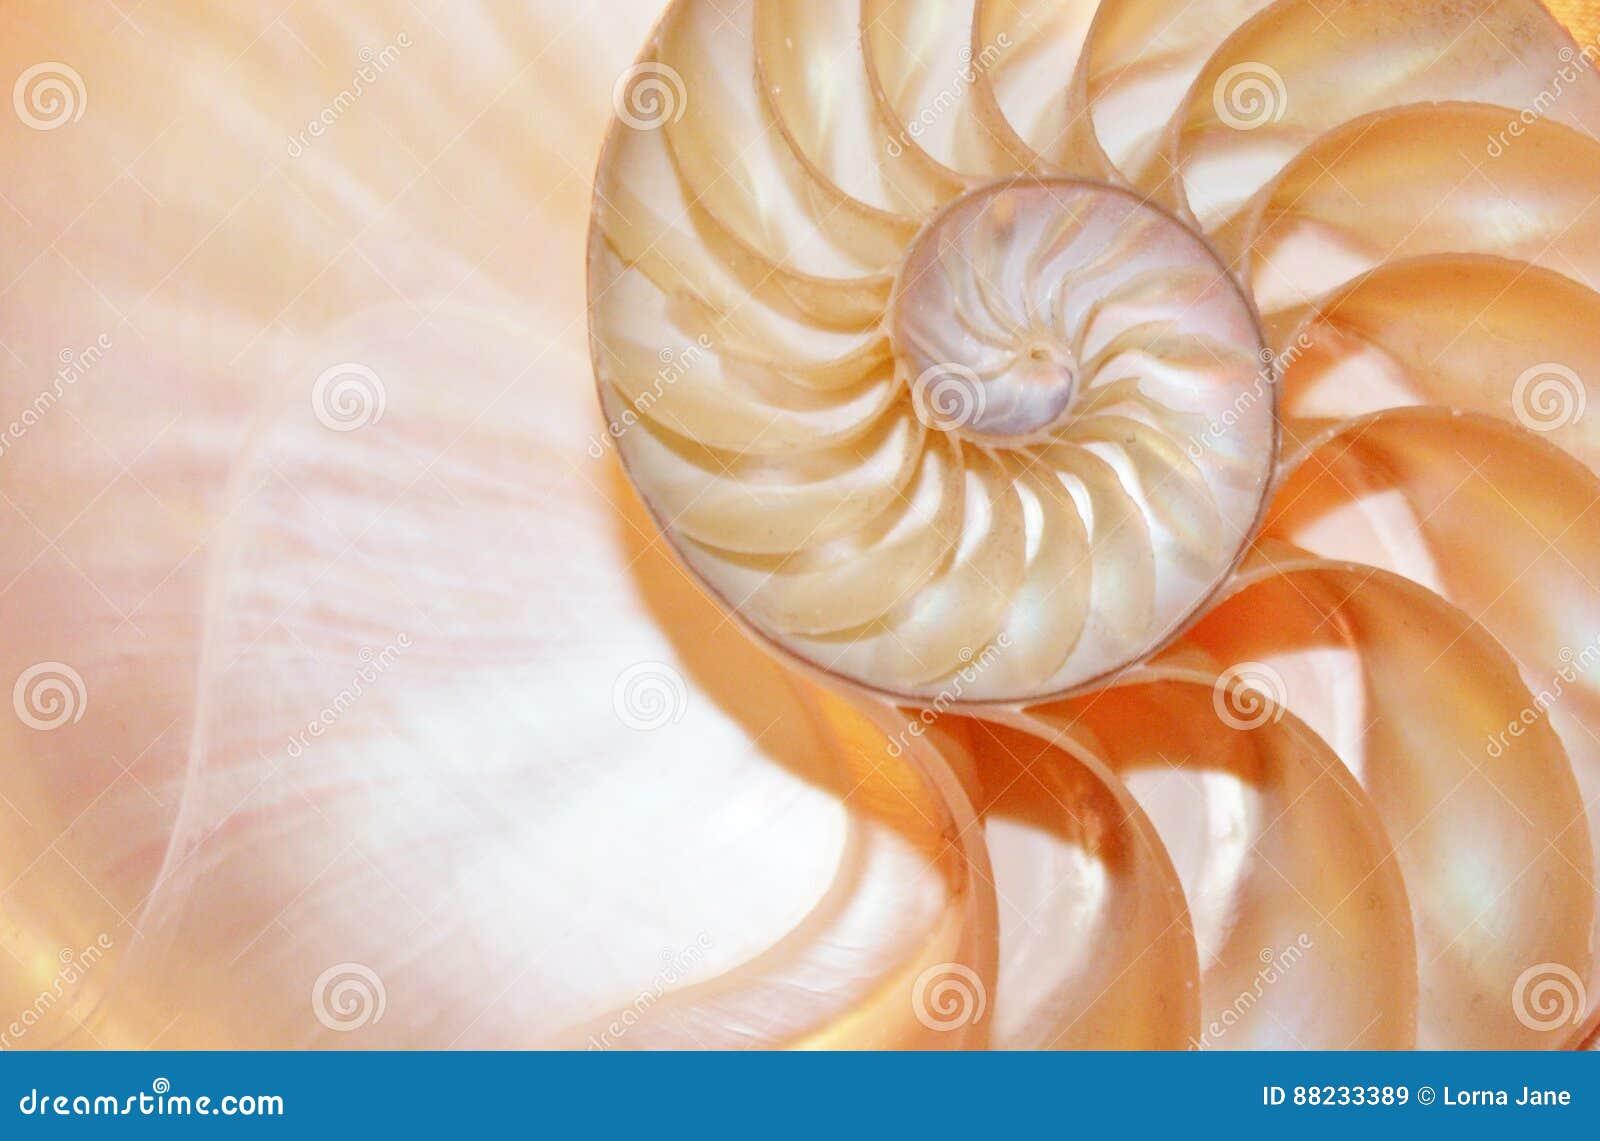 Ratio de oro del crecimiento espiral seccionado transversalmente de la estructura de la simetría de Fibonacci de la cáscara del n